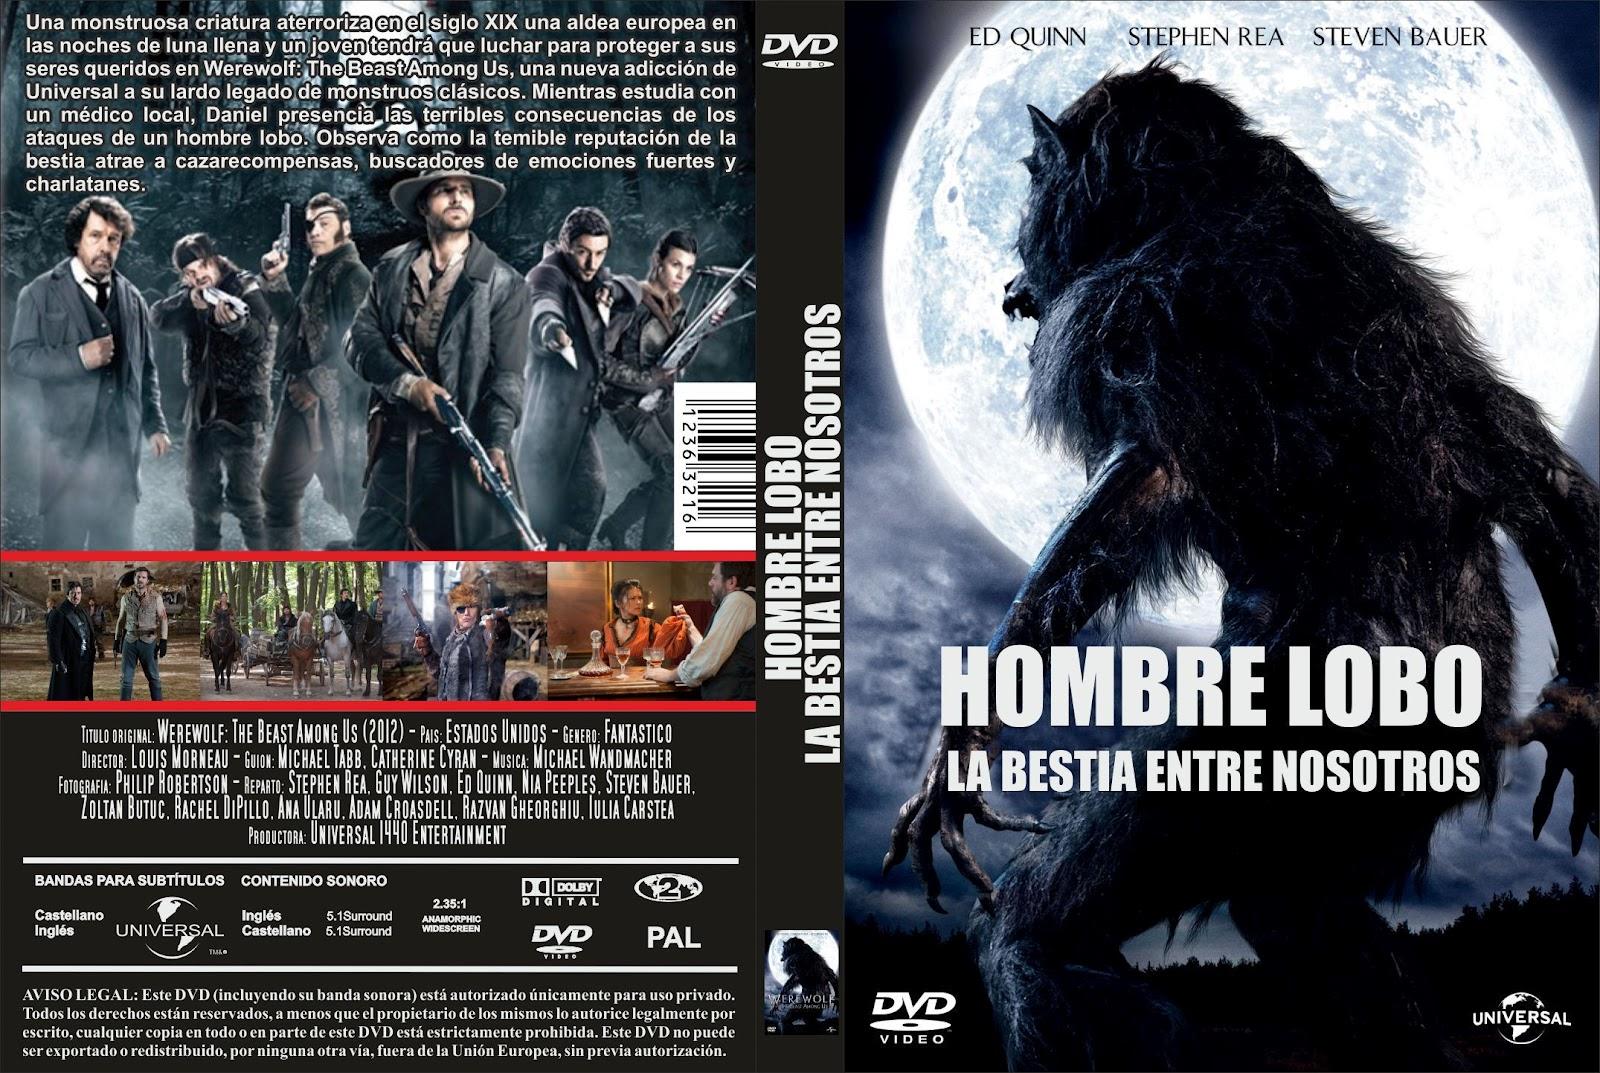 werewolf hombre lobo la bestia entre nosotros castellano